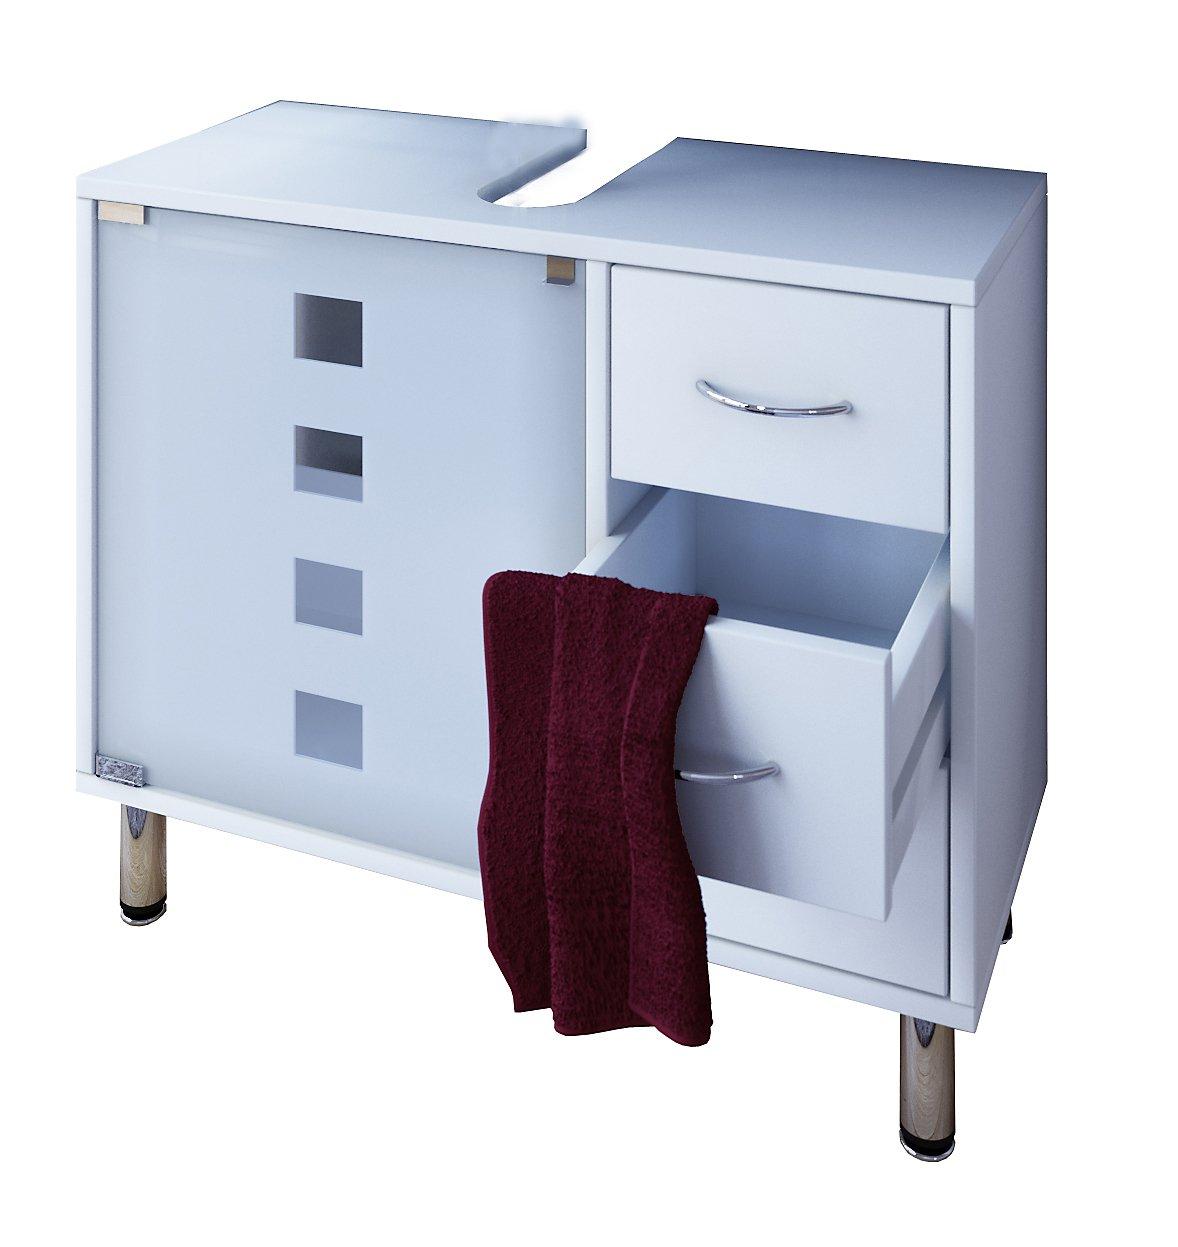 vcm waschtischunterschrank bad möbel unterschrank schubladen